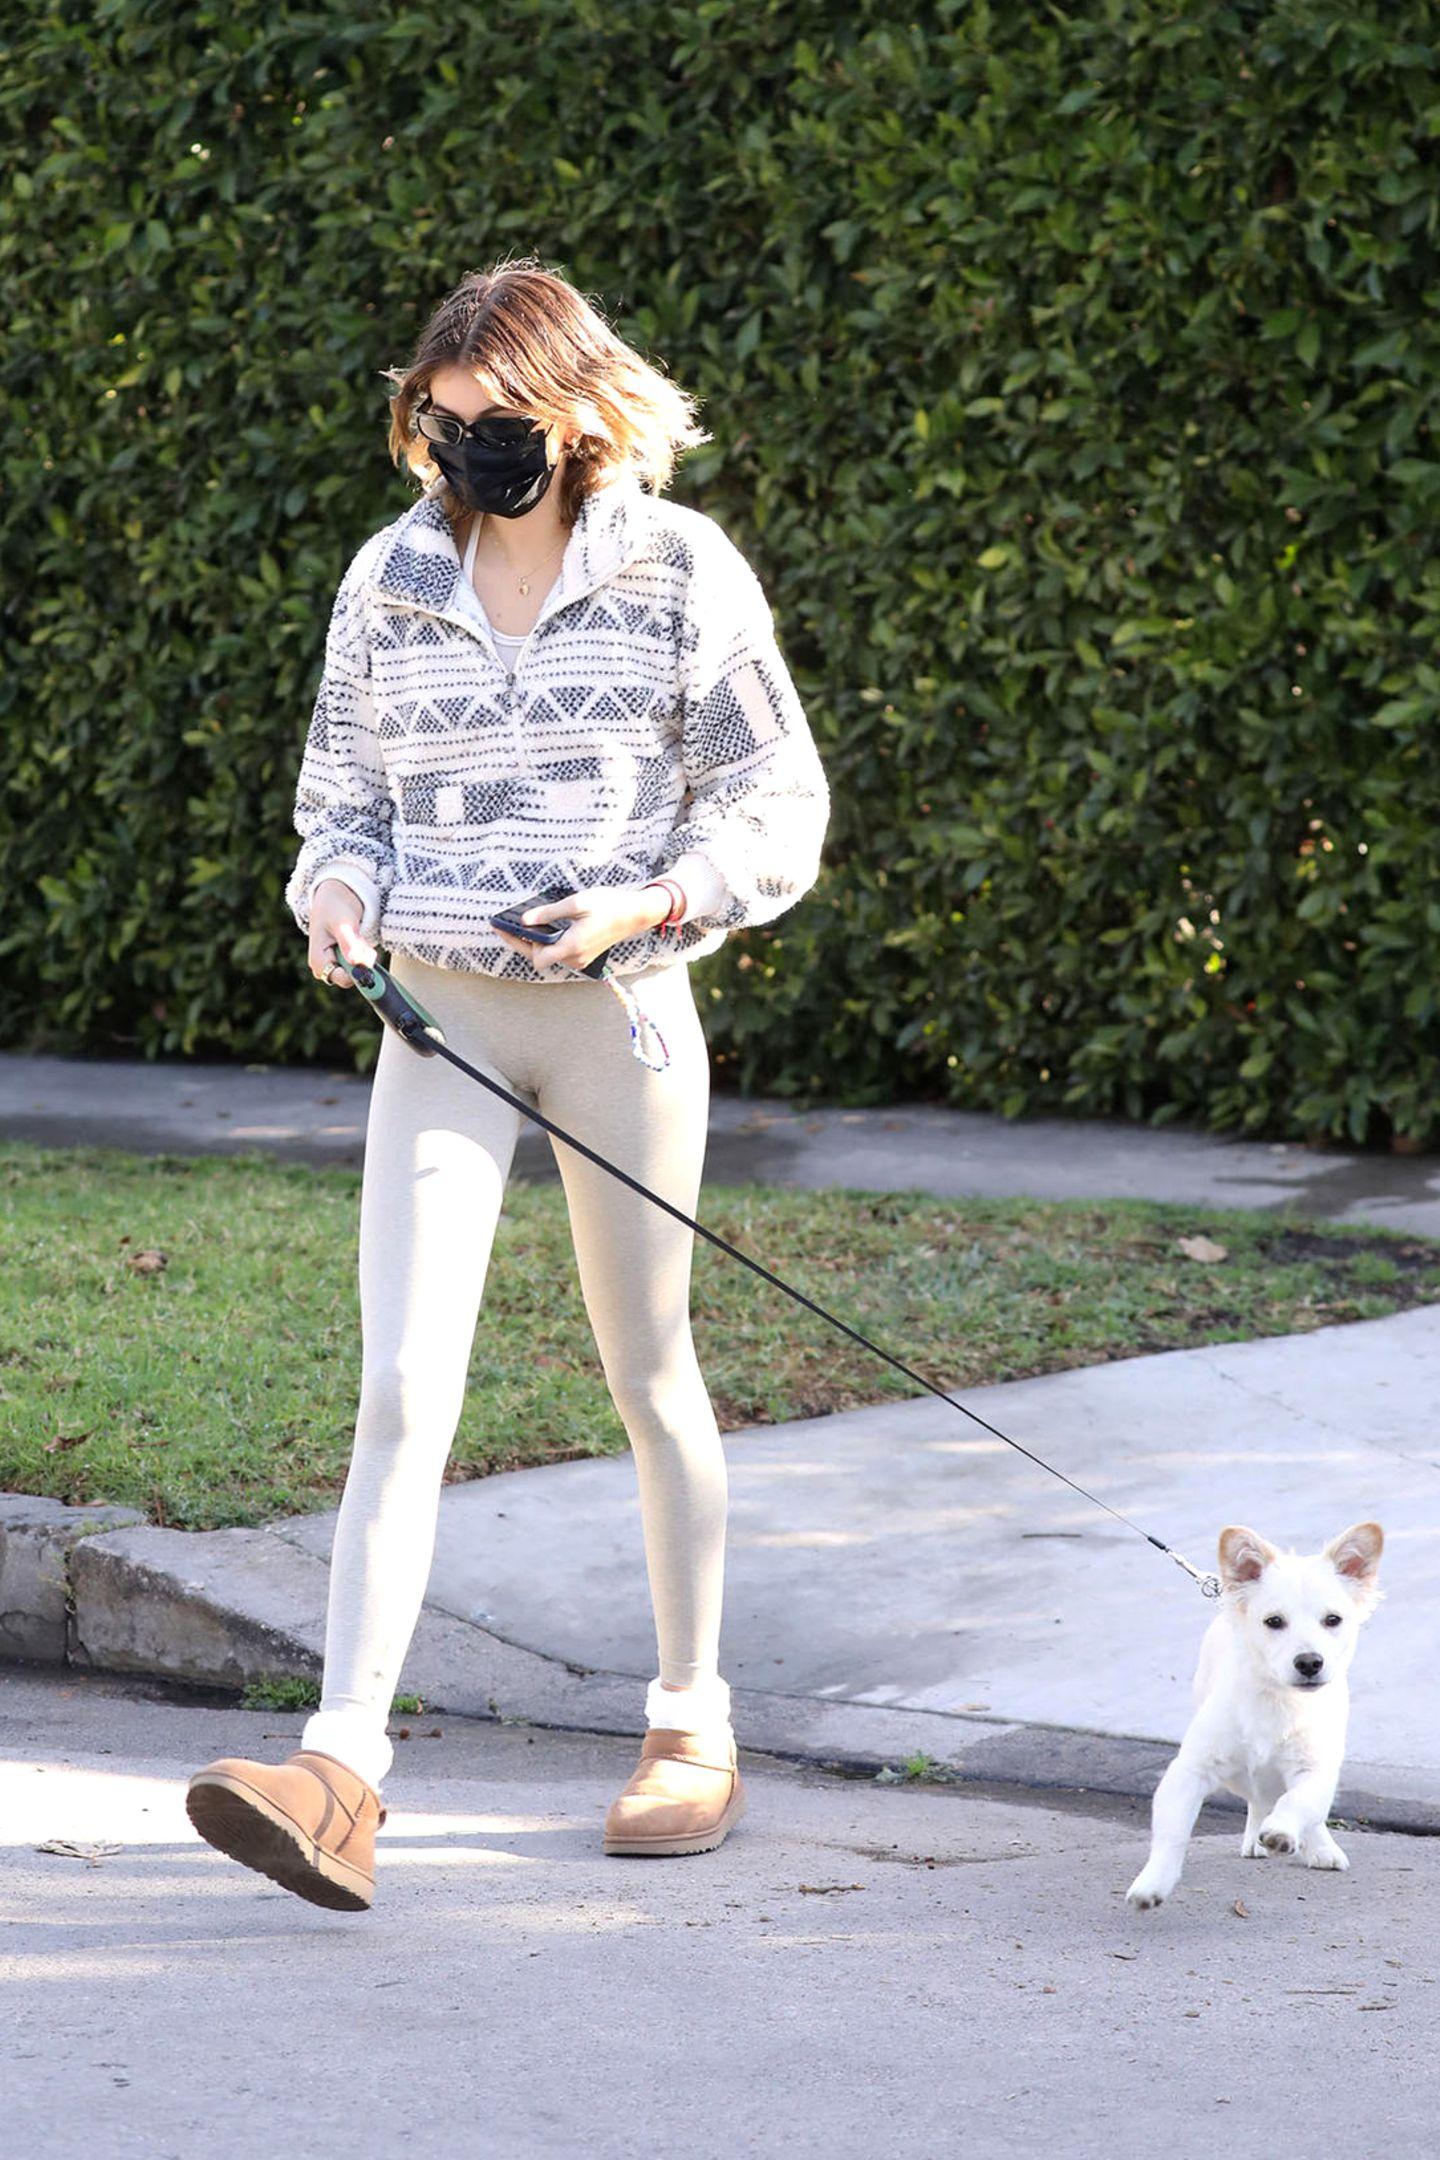 Das Topmodel Kaia Gerber hätten wir indiesem lässigen Look fast nicht erkannt. Zum Gassi gehen mit Hund Milokombiniert sie einenlockerenZip-Pullover mit einer beigenLeggings und kuscheligen UGG-Boots. Bei der 19-Jährigen darf es im Alltag auch mal etwas gemütlicher sein – ganz ungewohnt bei den sonst so gestylten Bildern auf Instagram.